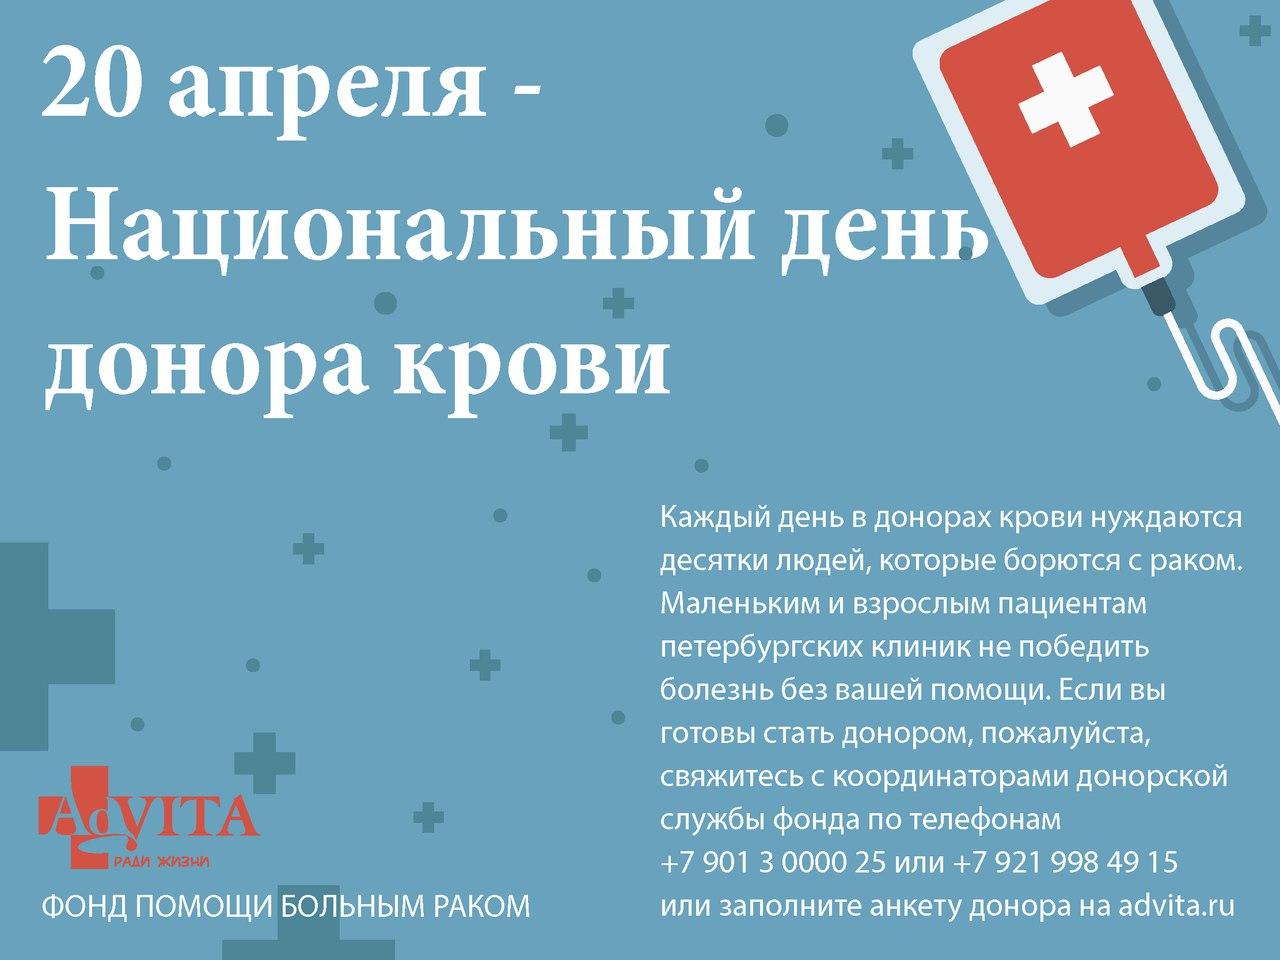 в России отмечается Национальный день донора крови